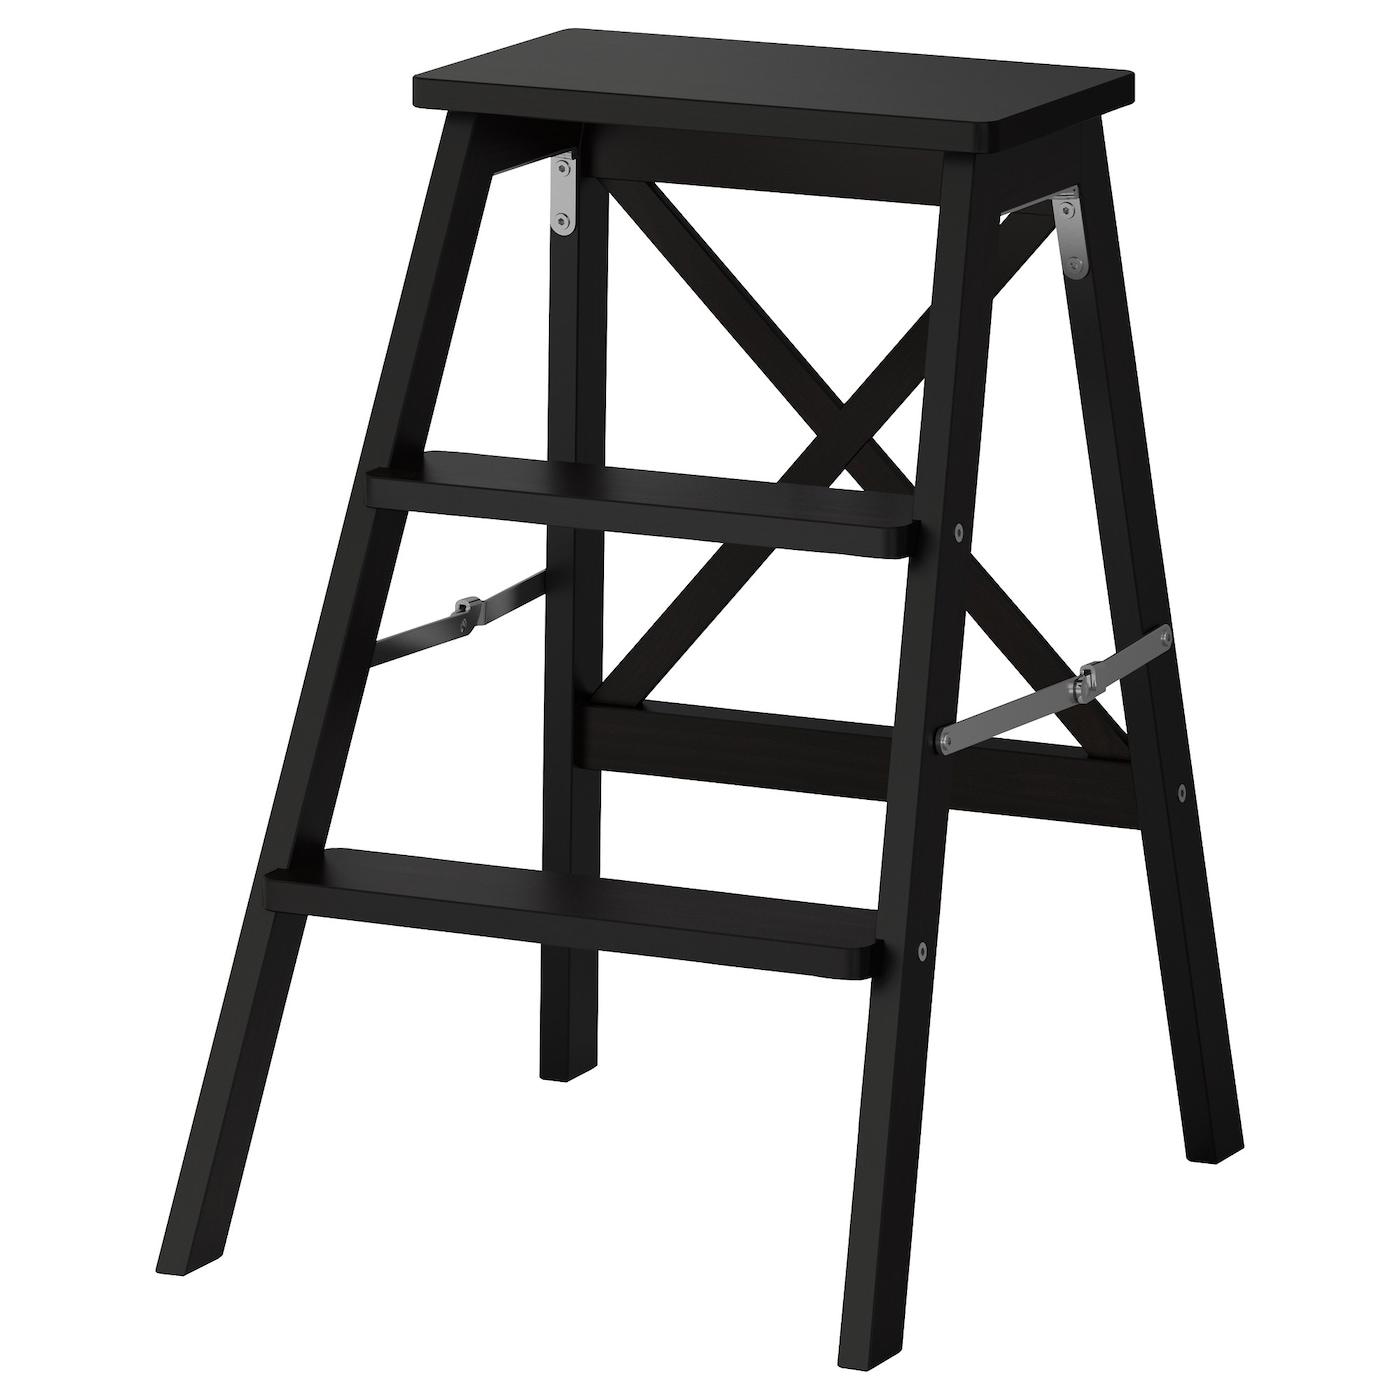 BEKVÄM | Baumarkt > Leitern und Treppen > Trittleiter | Schwarz | IKEA